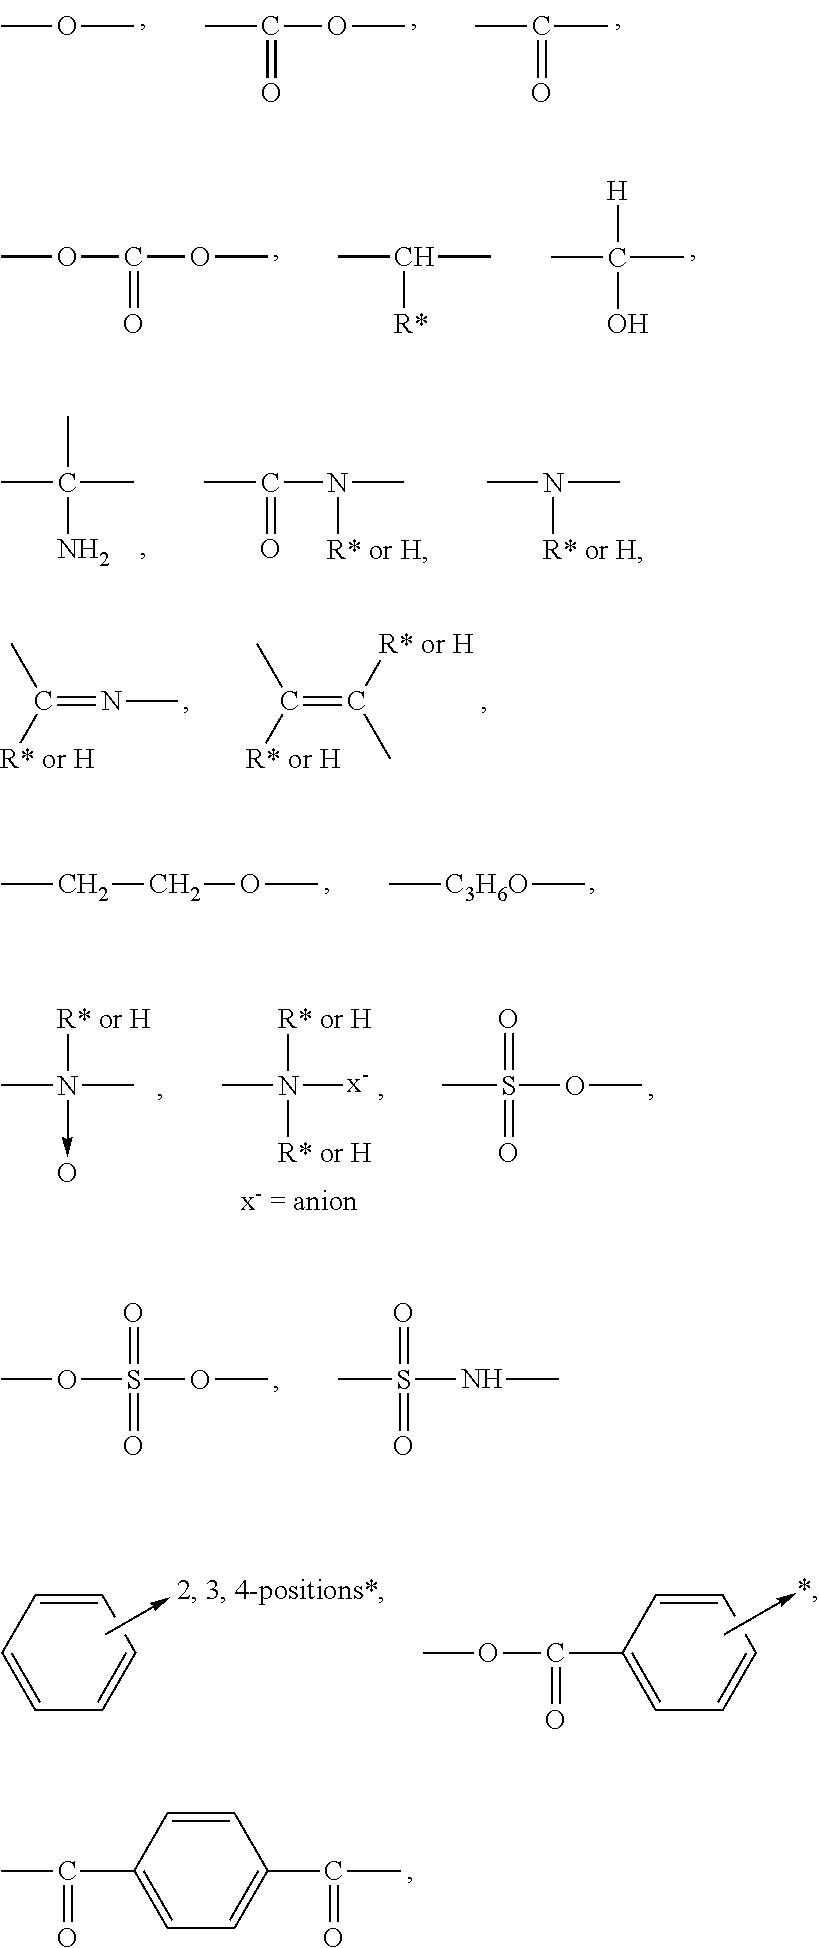 Figure US20110207643A1-20110825-C00004